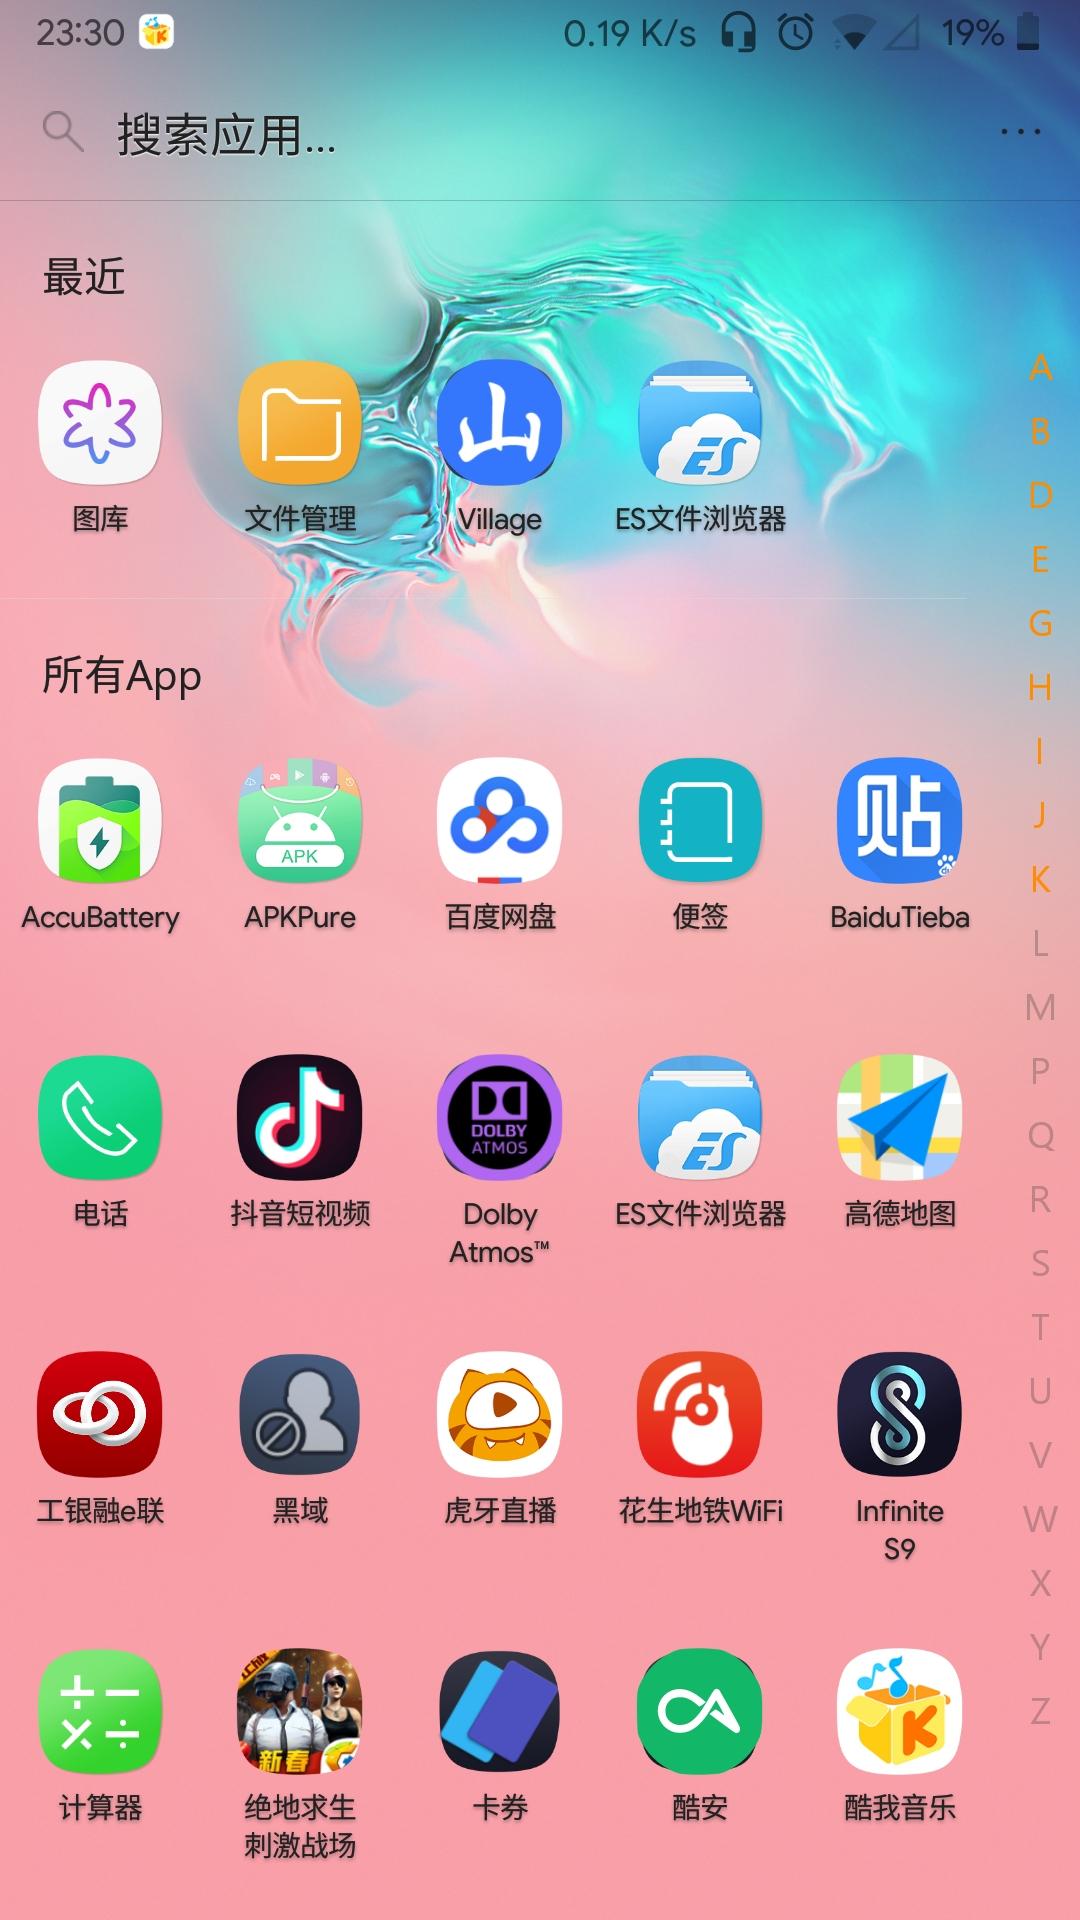 Screenshot_20190305-233052.jpg